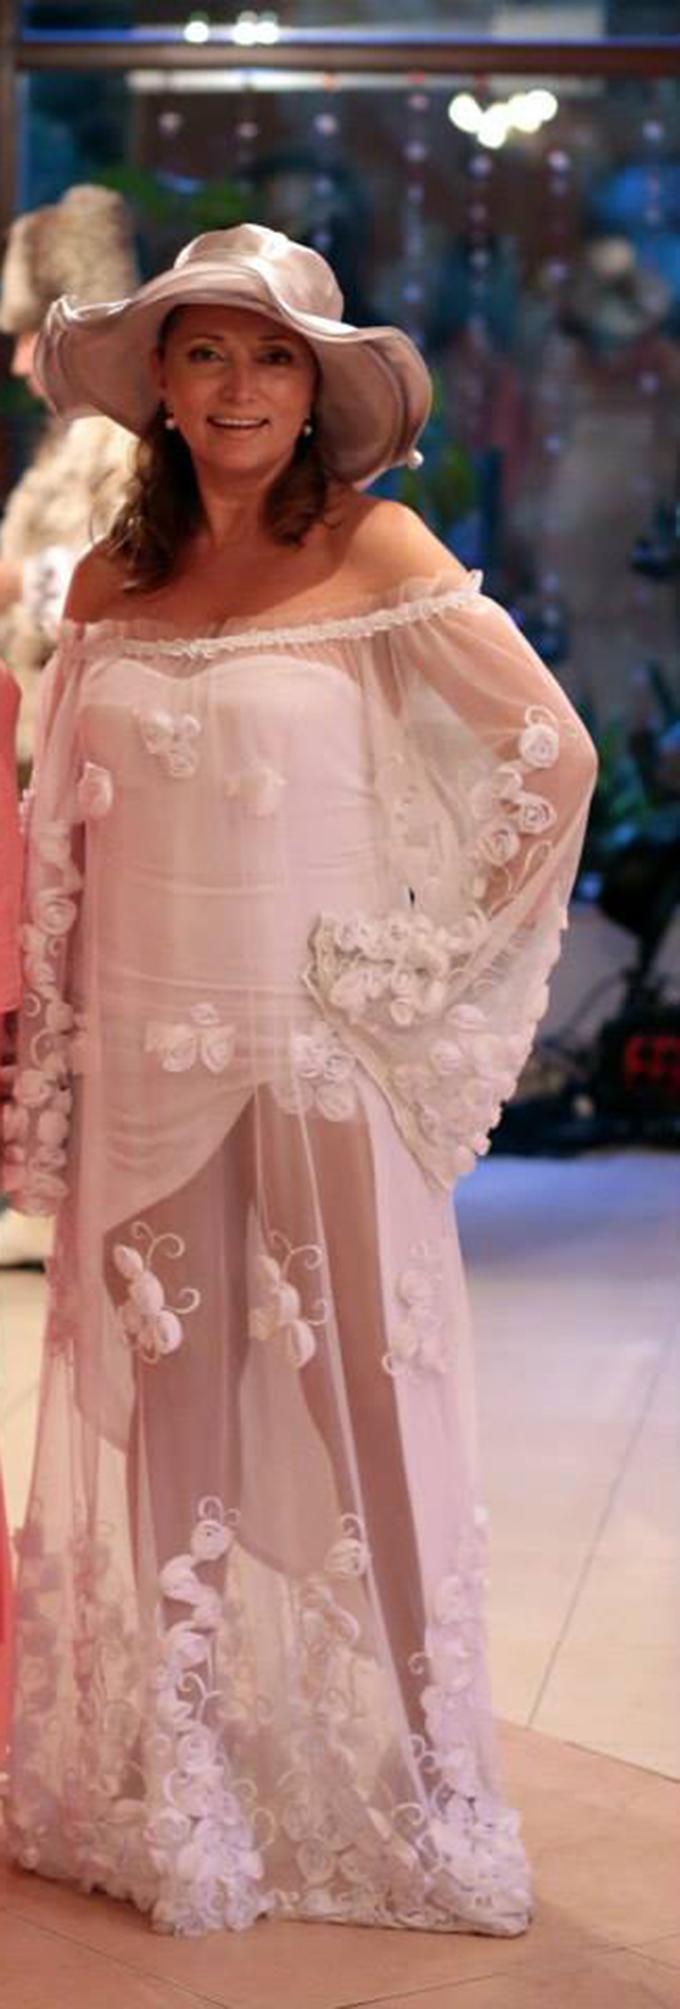 Sotia lui Cotimanis a ales sa poarte o rochie de mireasa foarte originala